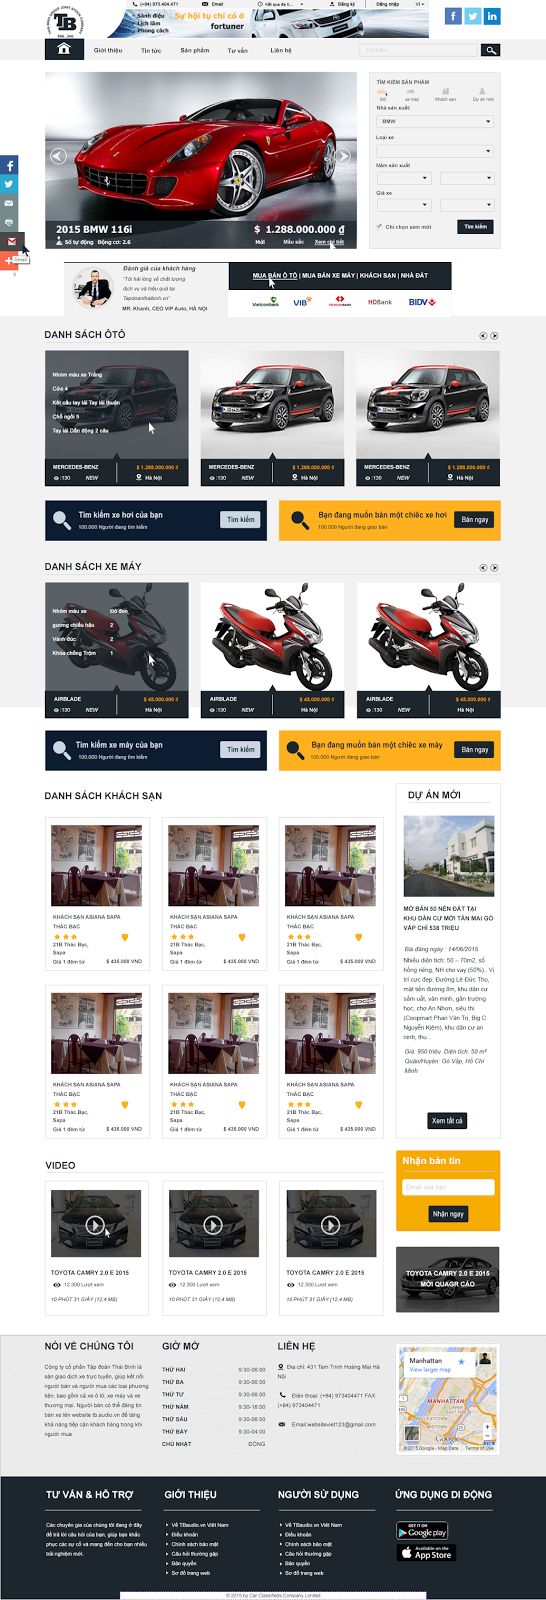 giao-diện-website-bán-hàng